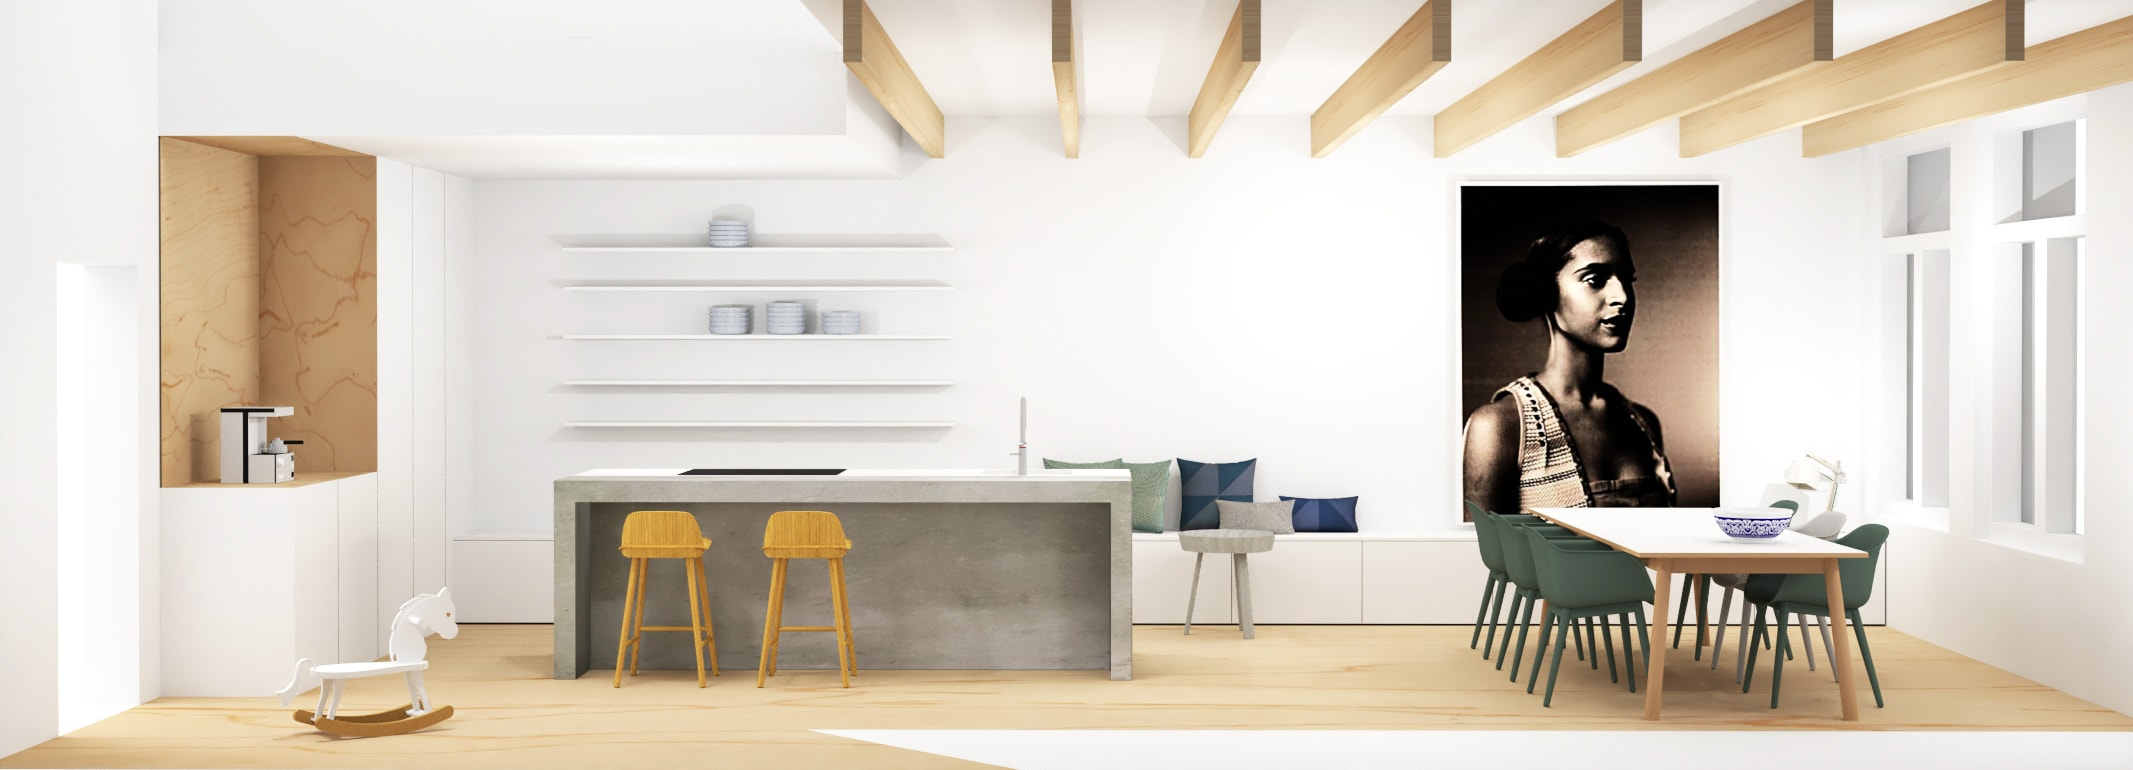 Ontwerp woonkeuken met betonnen kookeiland